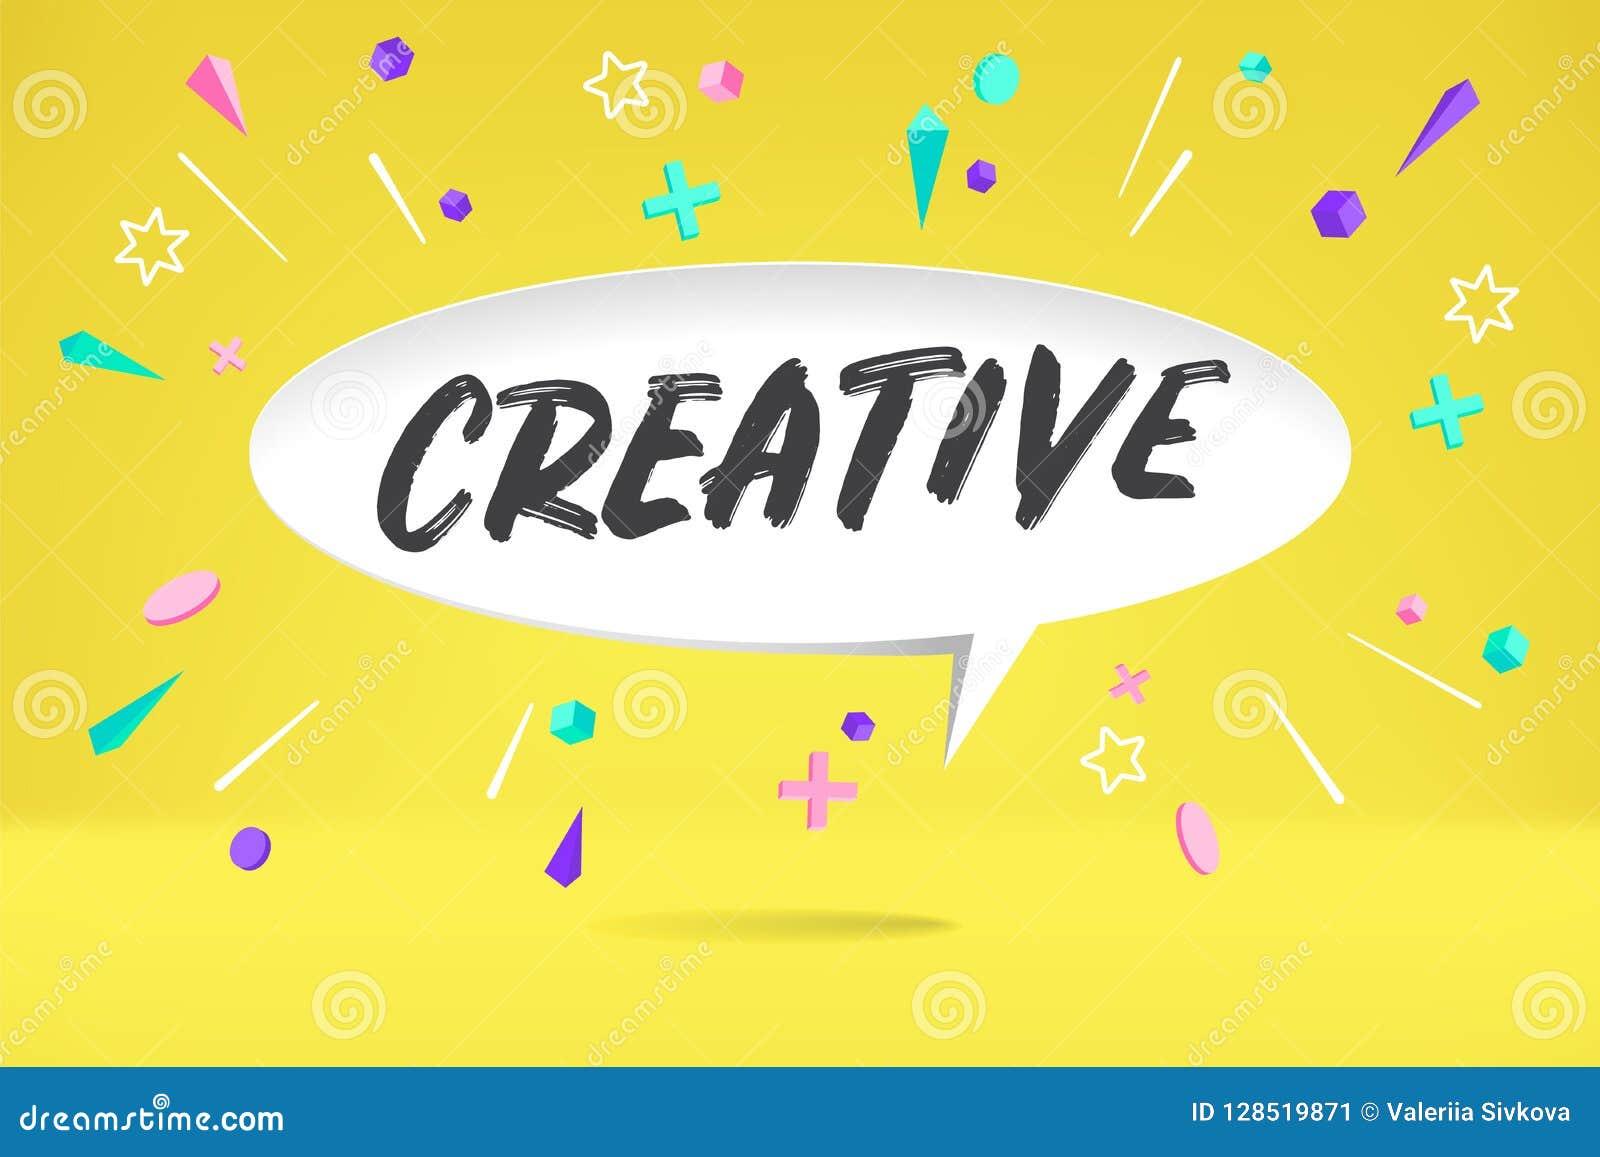 Weißbuchblasenwolke mit dem Text kreativ für Gefühl, Motivation, positives Design Plakat mit Wolkengespräch, Text